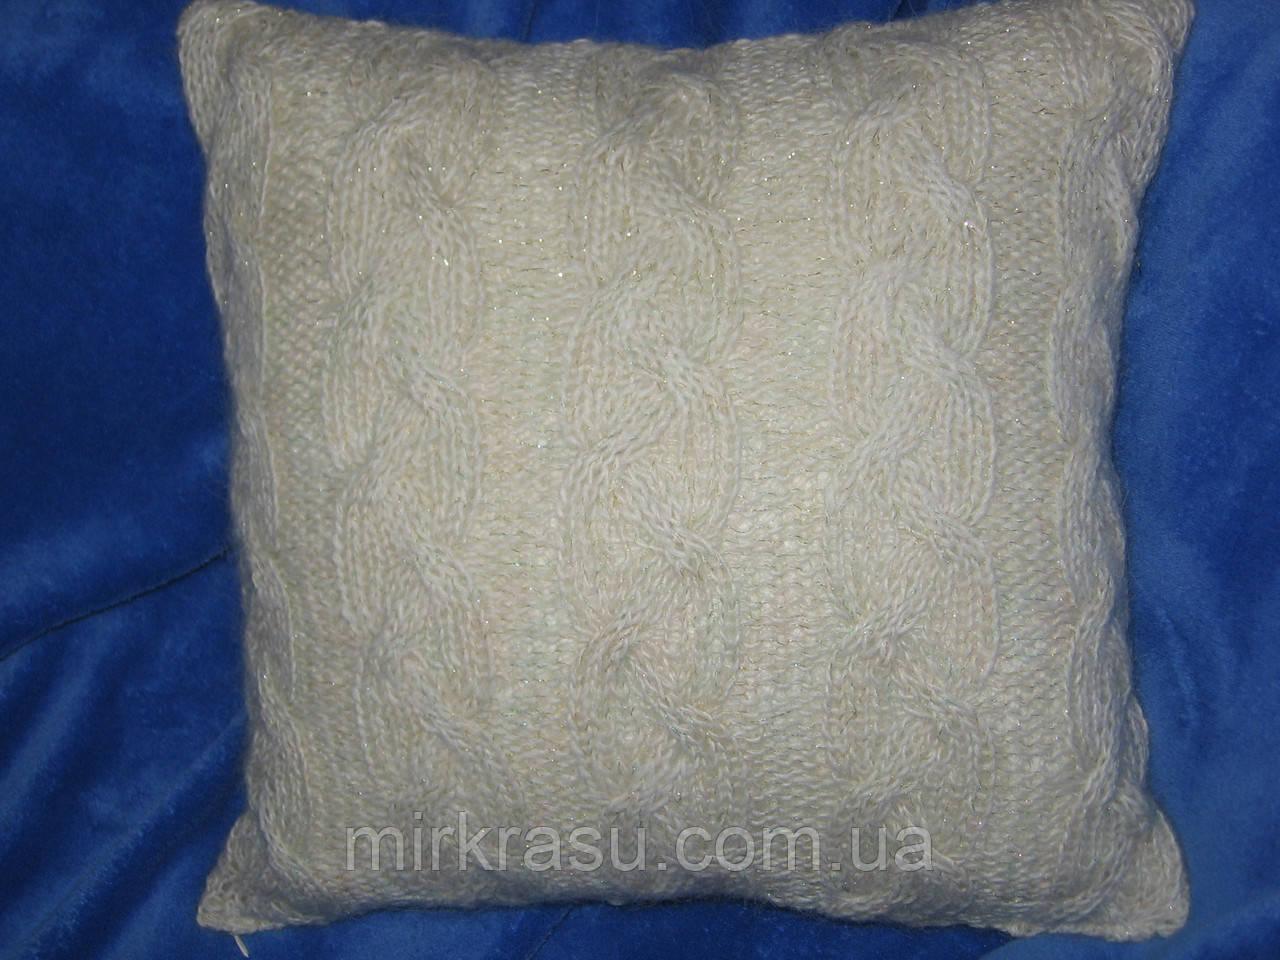 Декоративная диванная подушка ручной работы - Интернет-магазин «Мир КРАСОТЫ» в Харьковской области